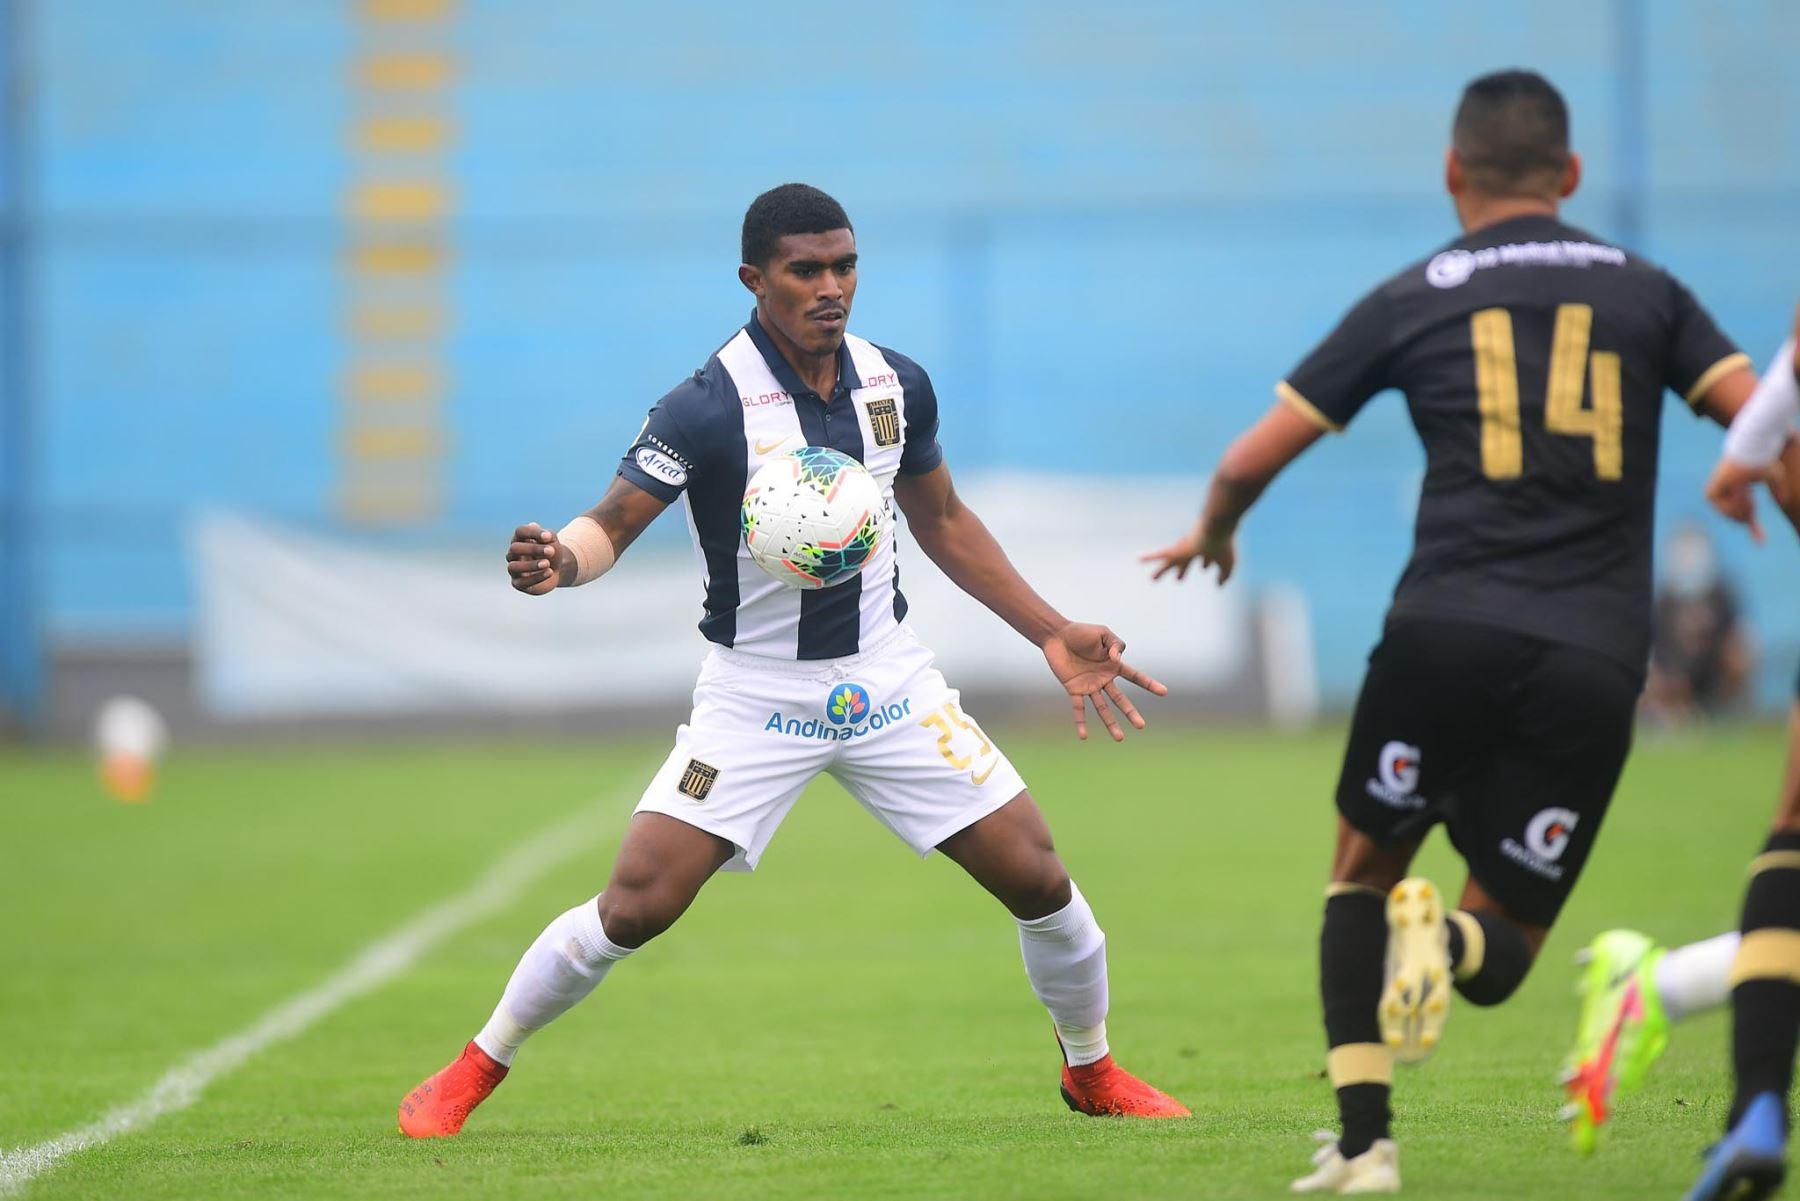 O. Mora de Alianza Lima disputa un balón ante la marca de E. Aubert durante partido por la fecha 11 de la Liga 1, en el estadio Alberto Gallardo. Foto: Liga 1